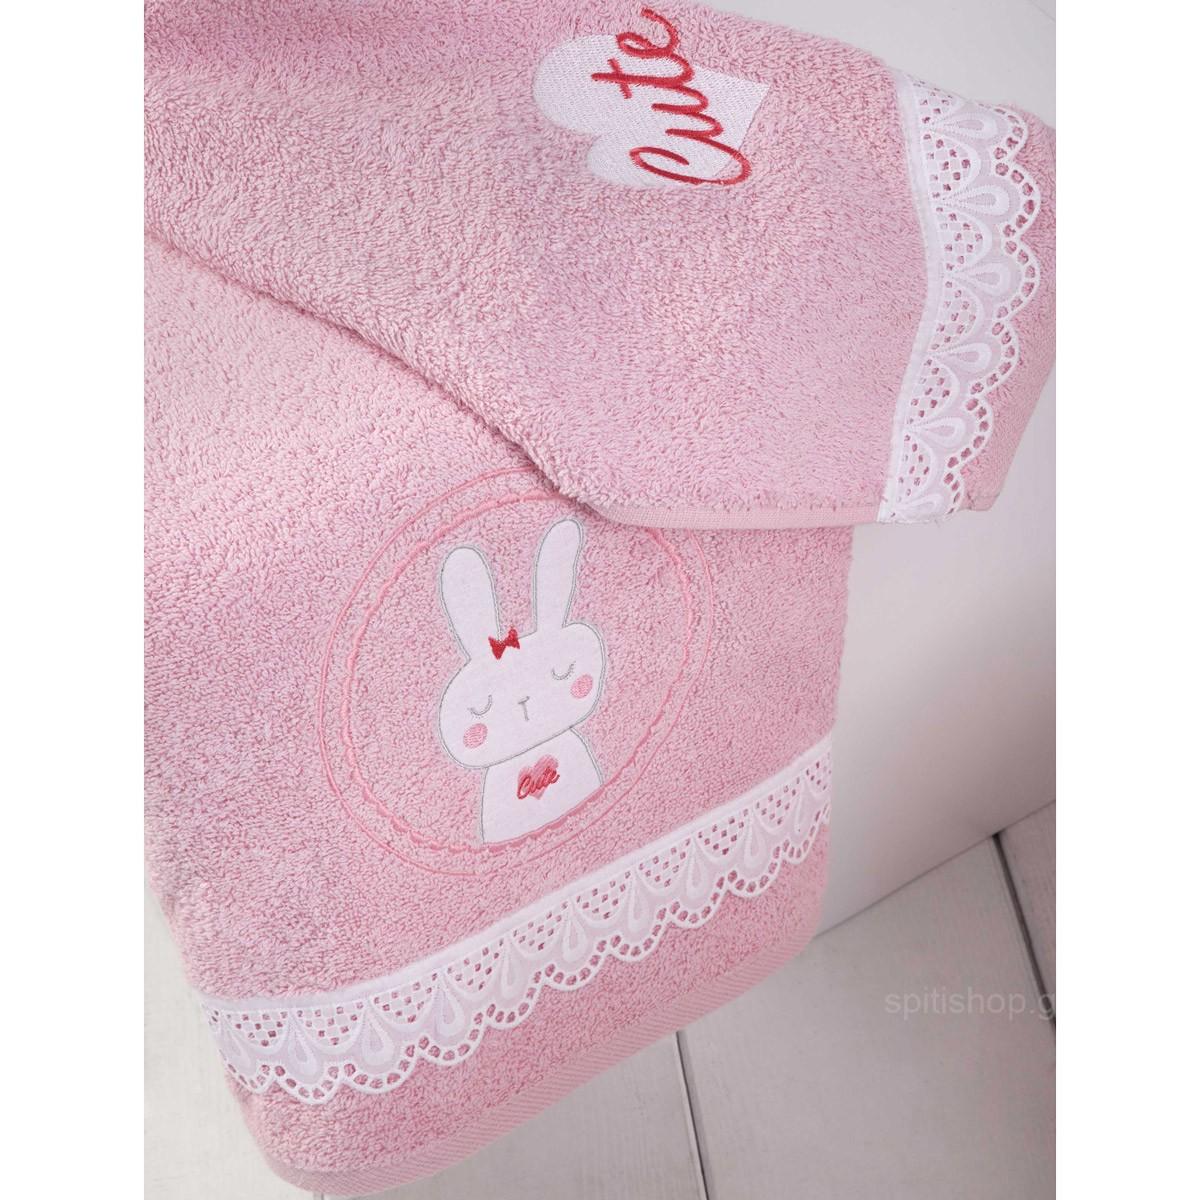 Βρεφικές Πετσέτες (Σετ 2τμχ) Nima Baby Cutie